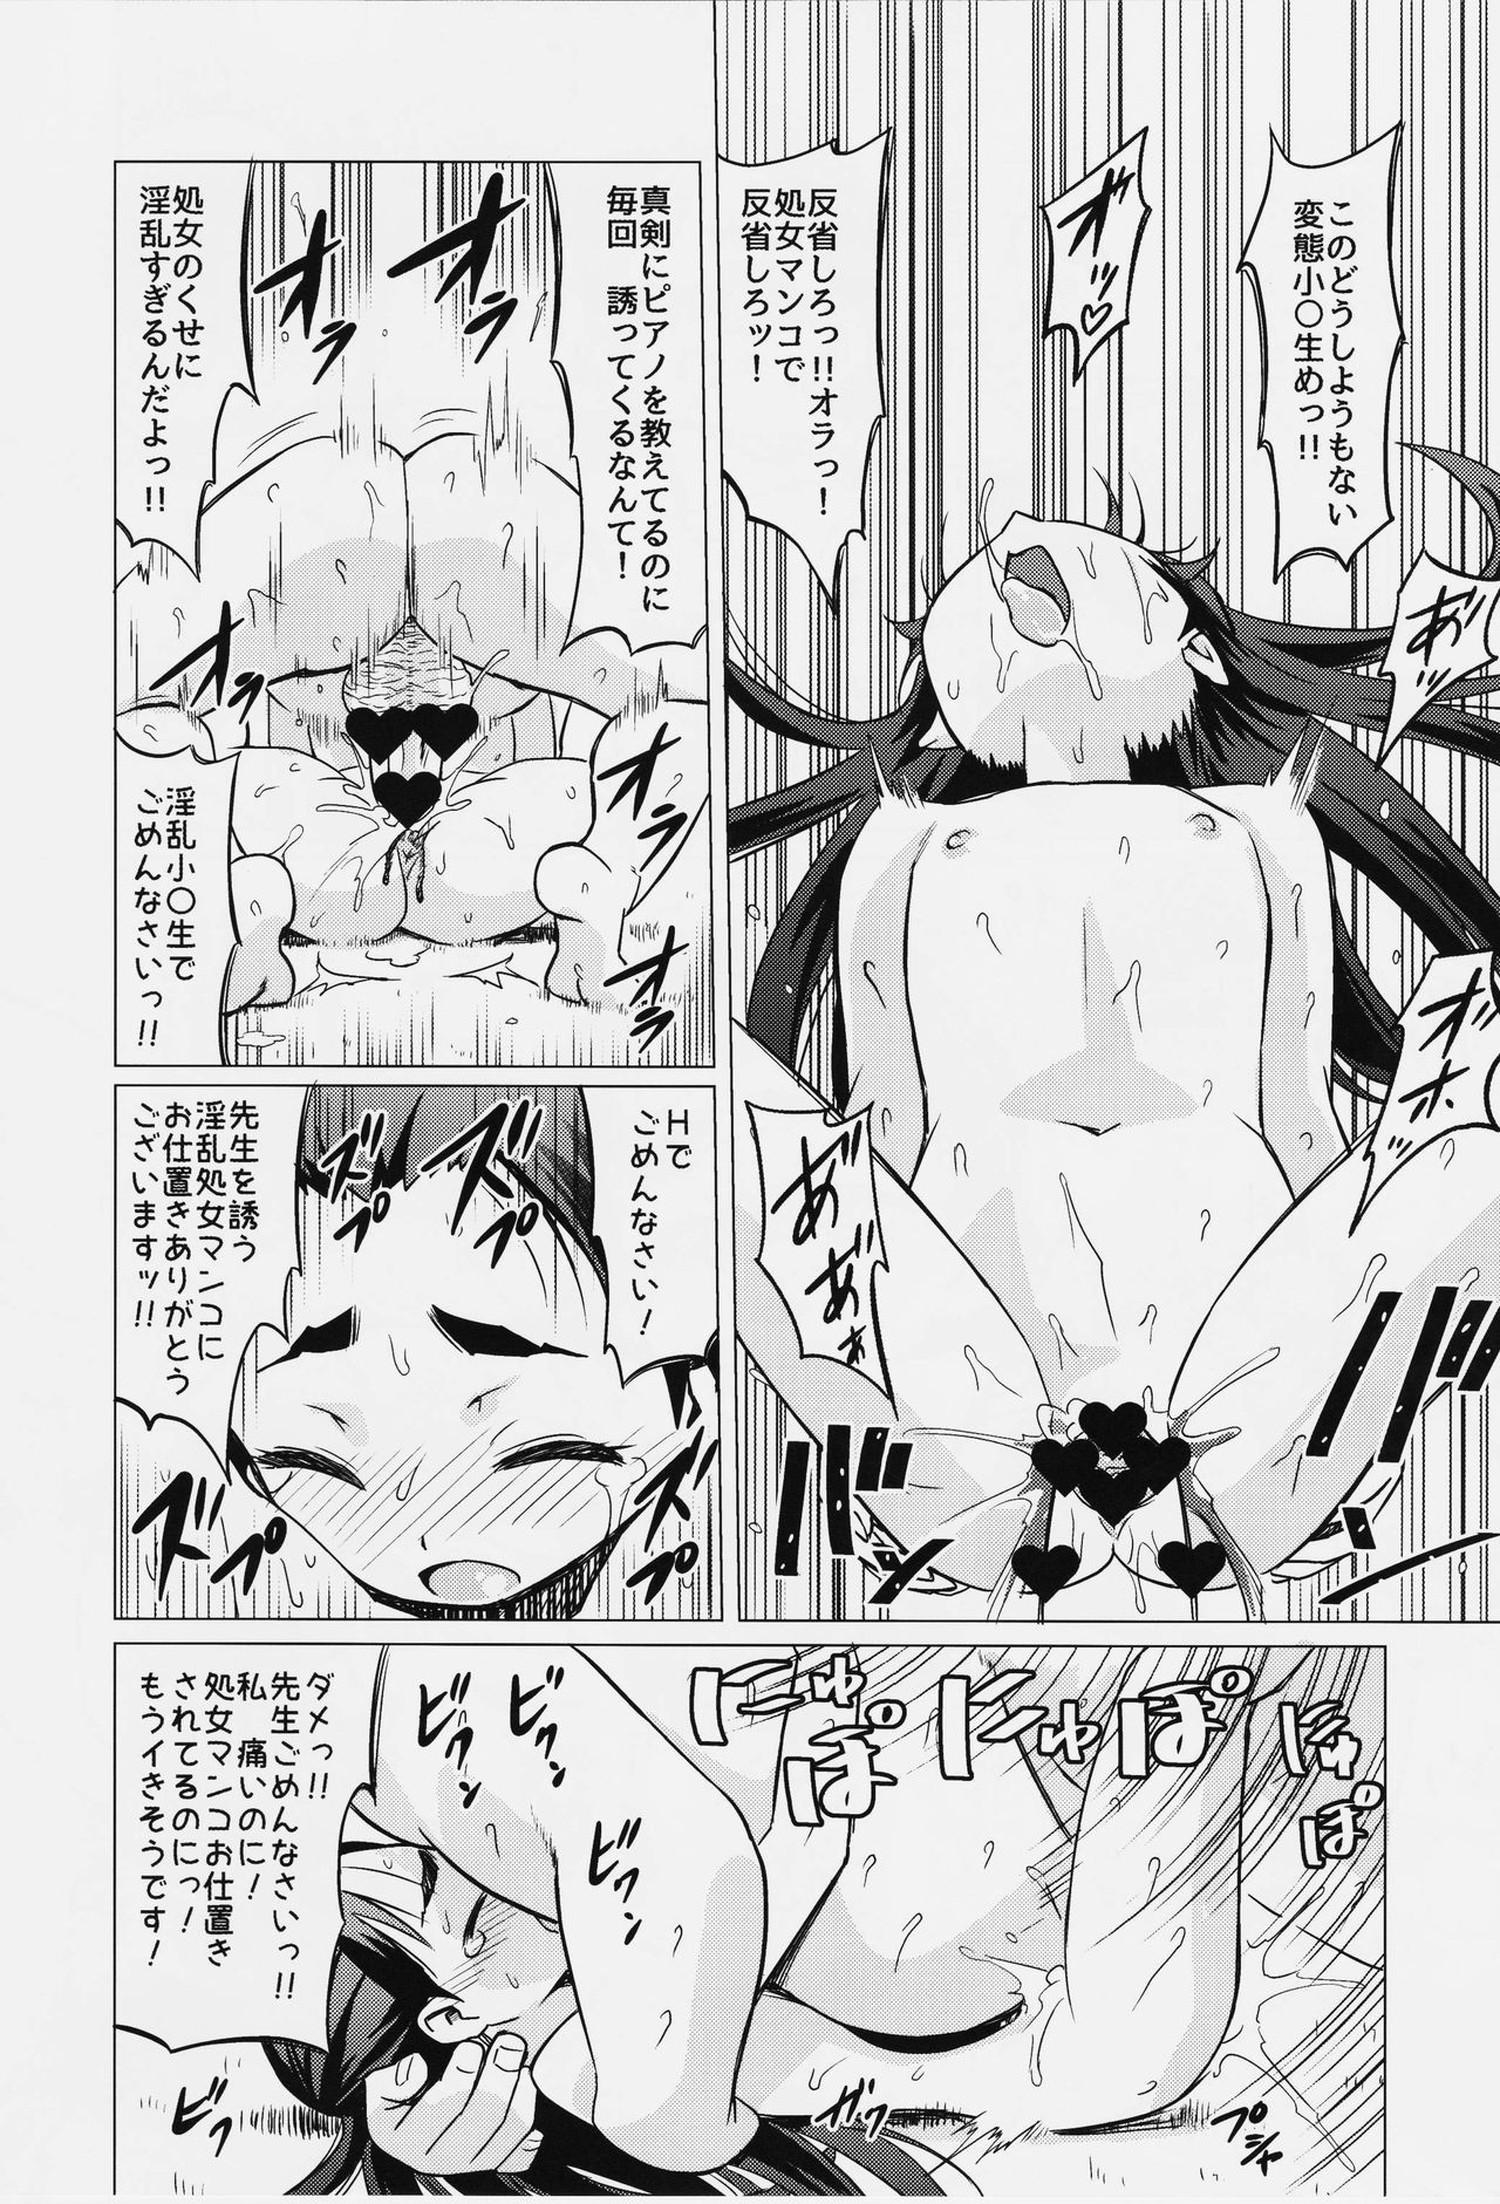 【エロ漫画・エロ同人】お尻を叩かれてエッチなことに目覚めてしまったM女JSが先生に調教されて、脱糞プレイでも感じちゃう変態に・・・ (17)